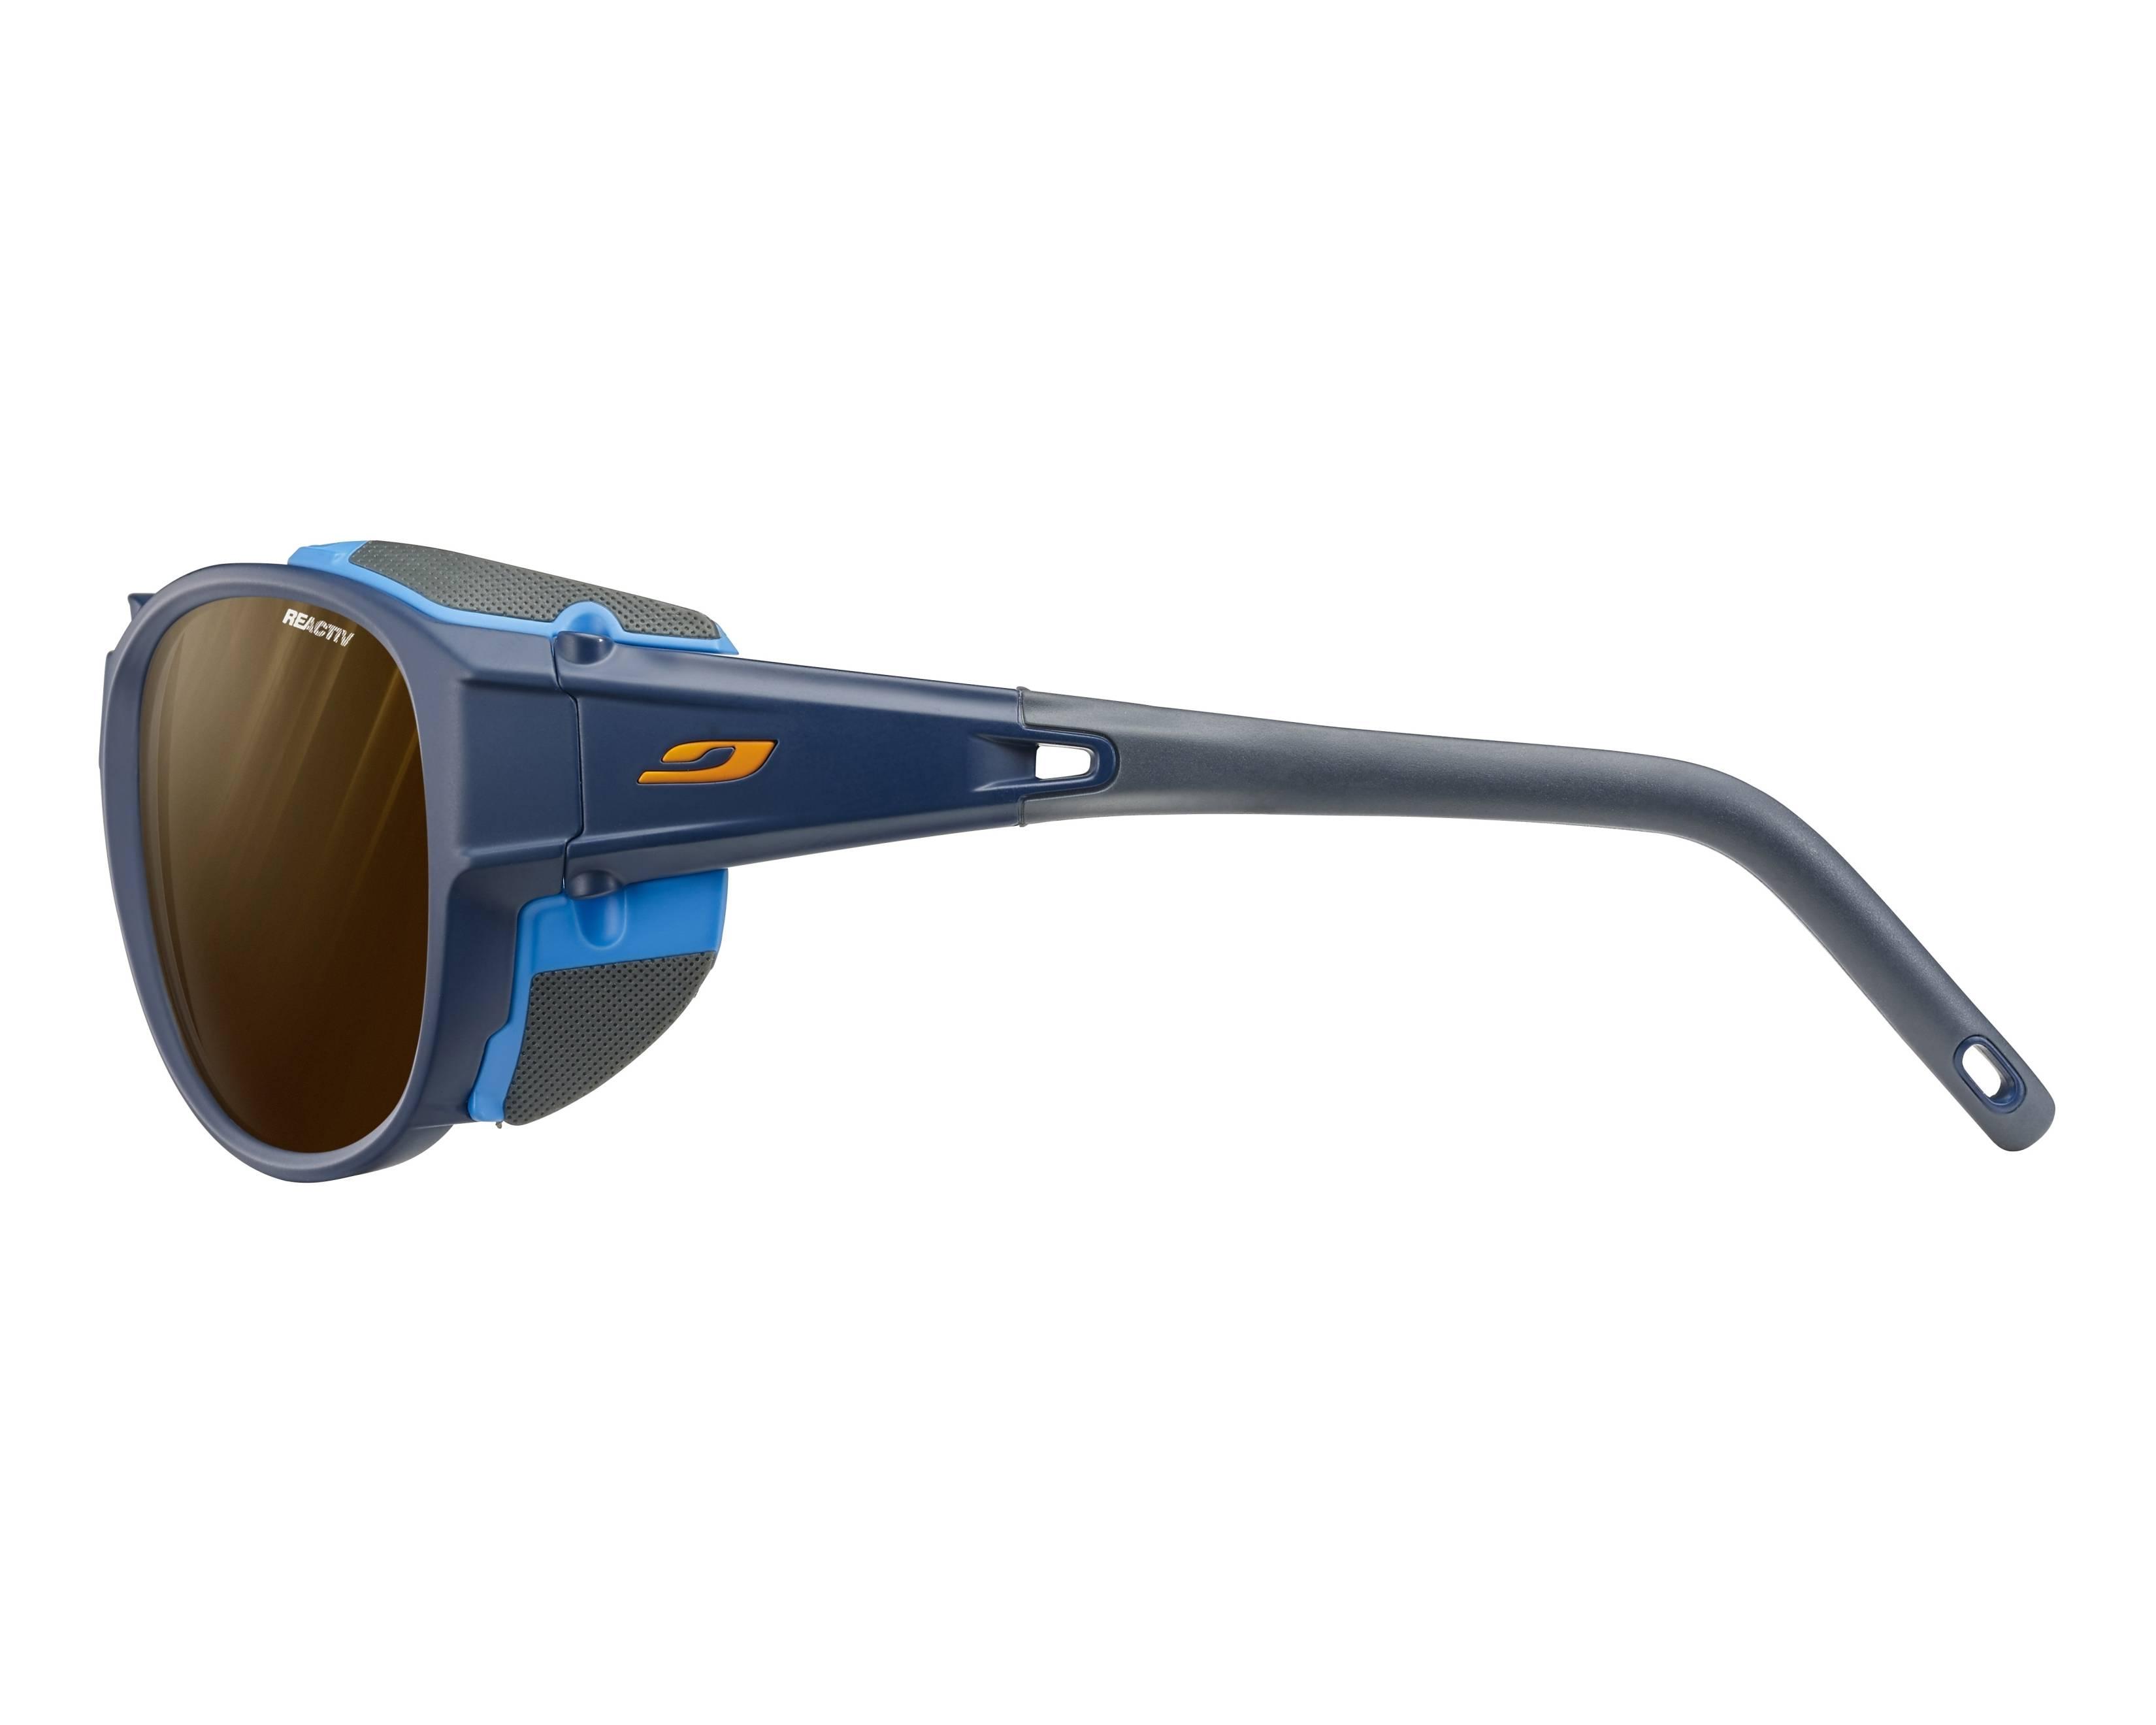 af5526ce5187 Sunglasses Julbo J497 5012 61-11 Blue Blue side view